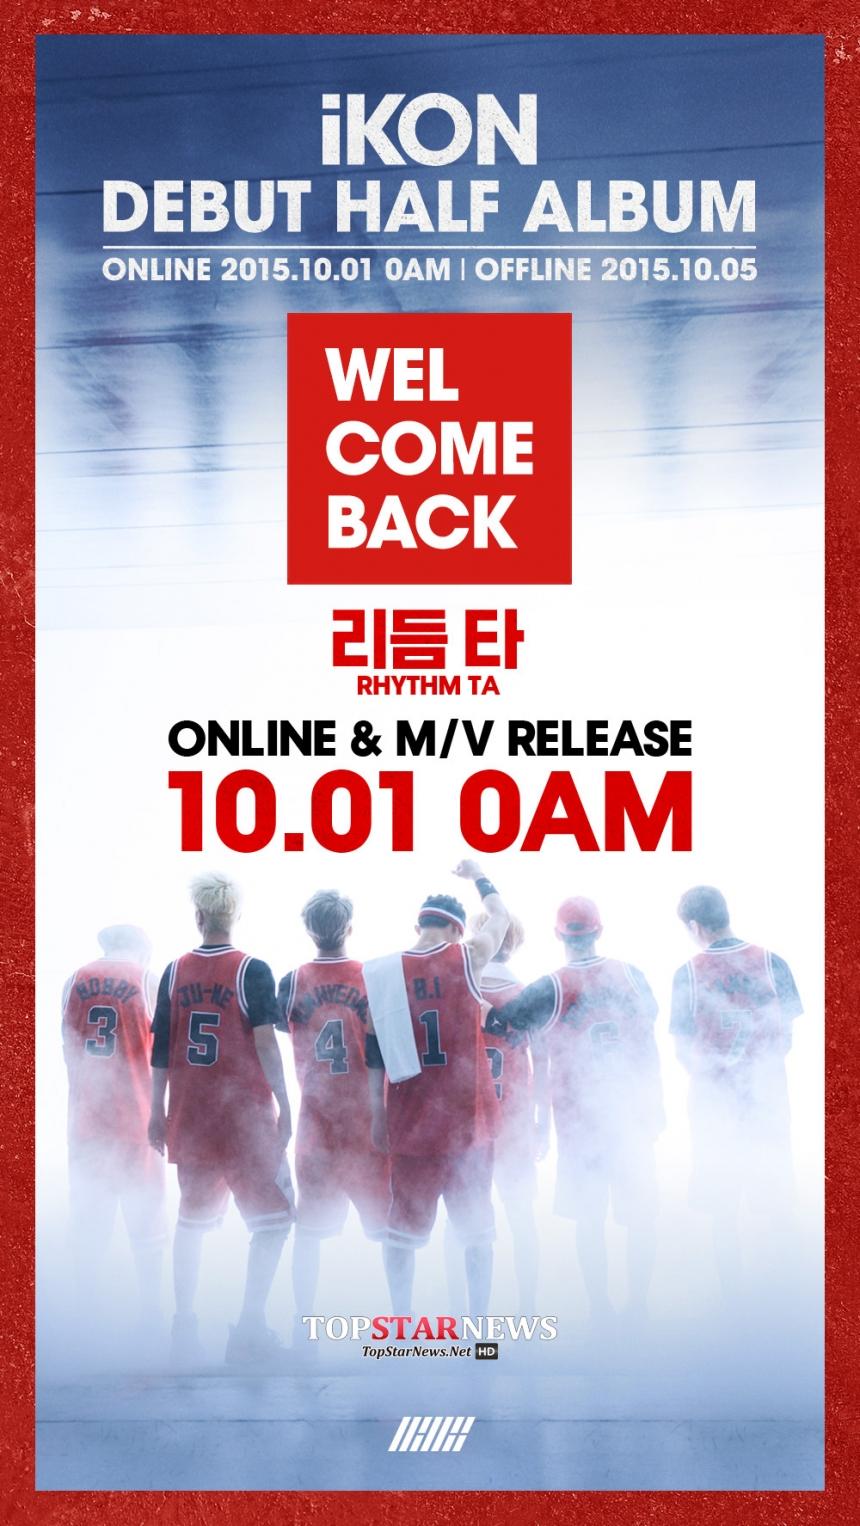 10月1日他們正式發表了新專輯的上半部,主打曲第一首叫做《Rhythm Ta》